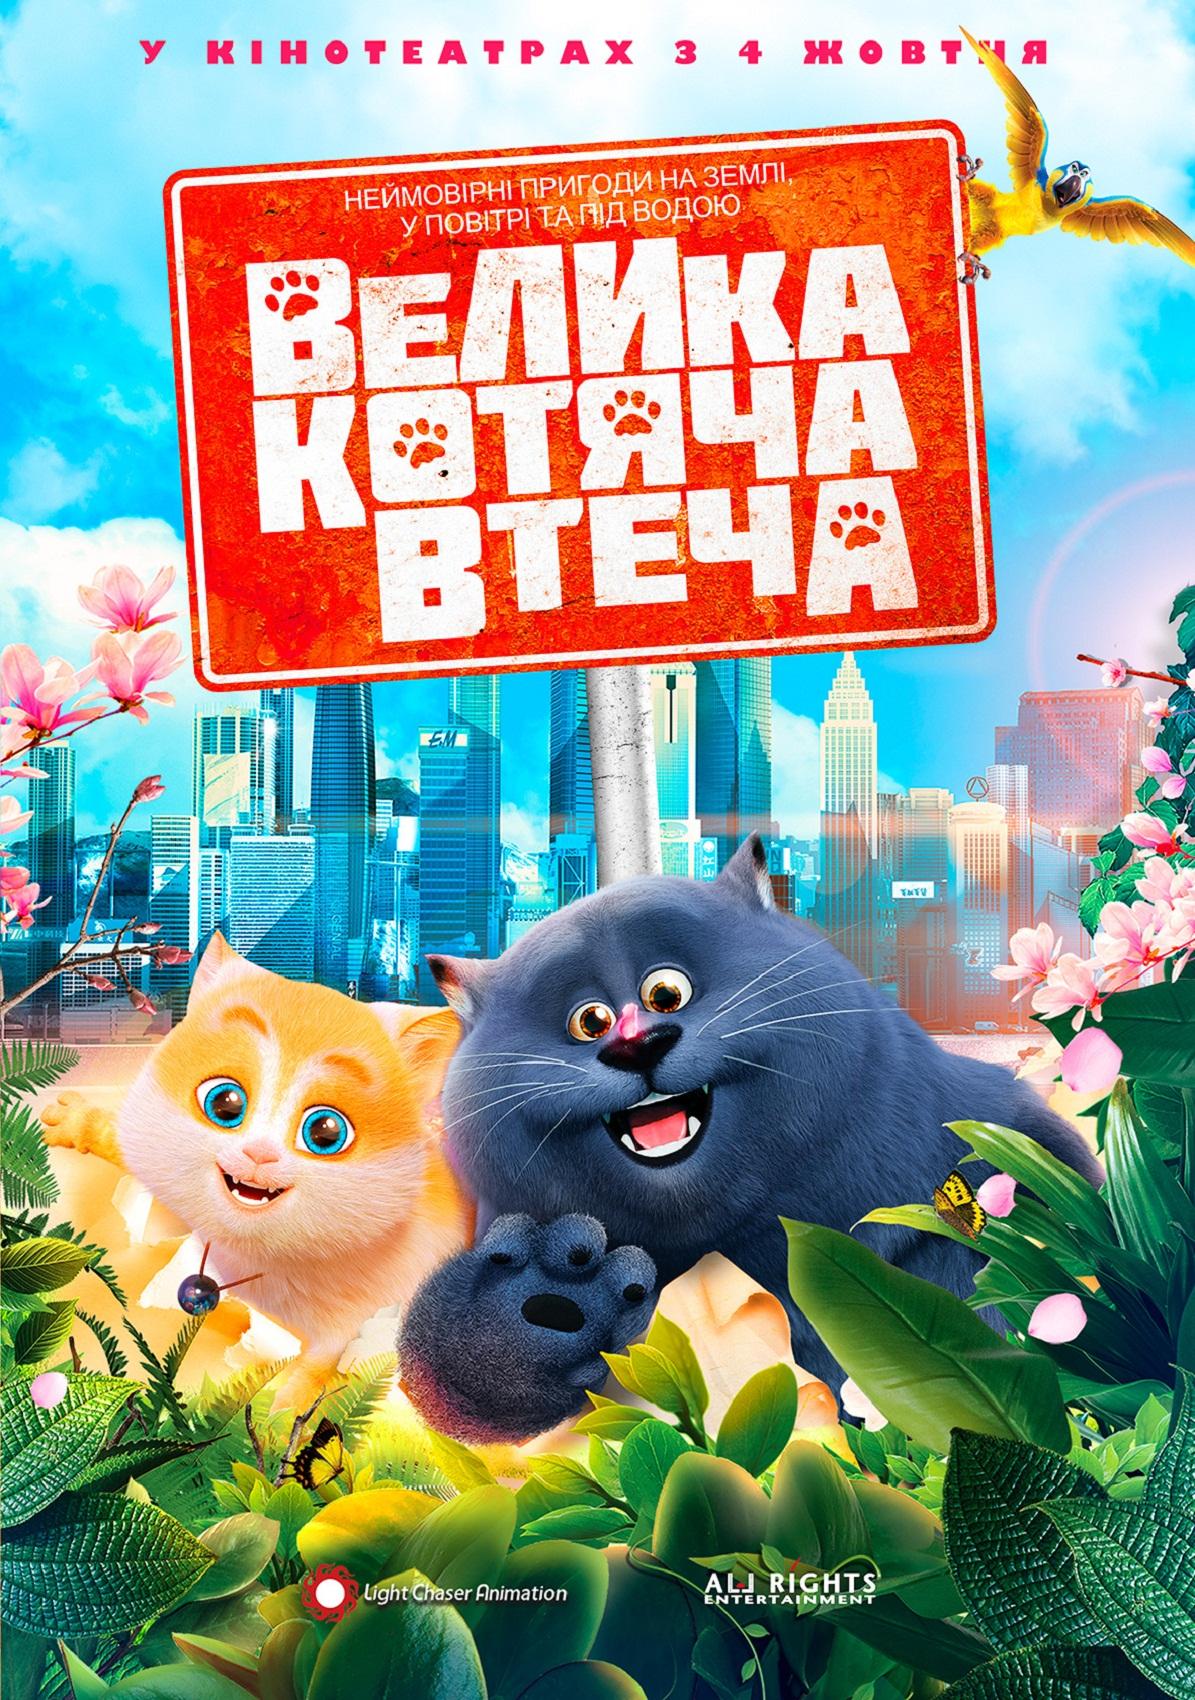 Cats & Peachtopia